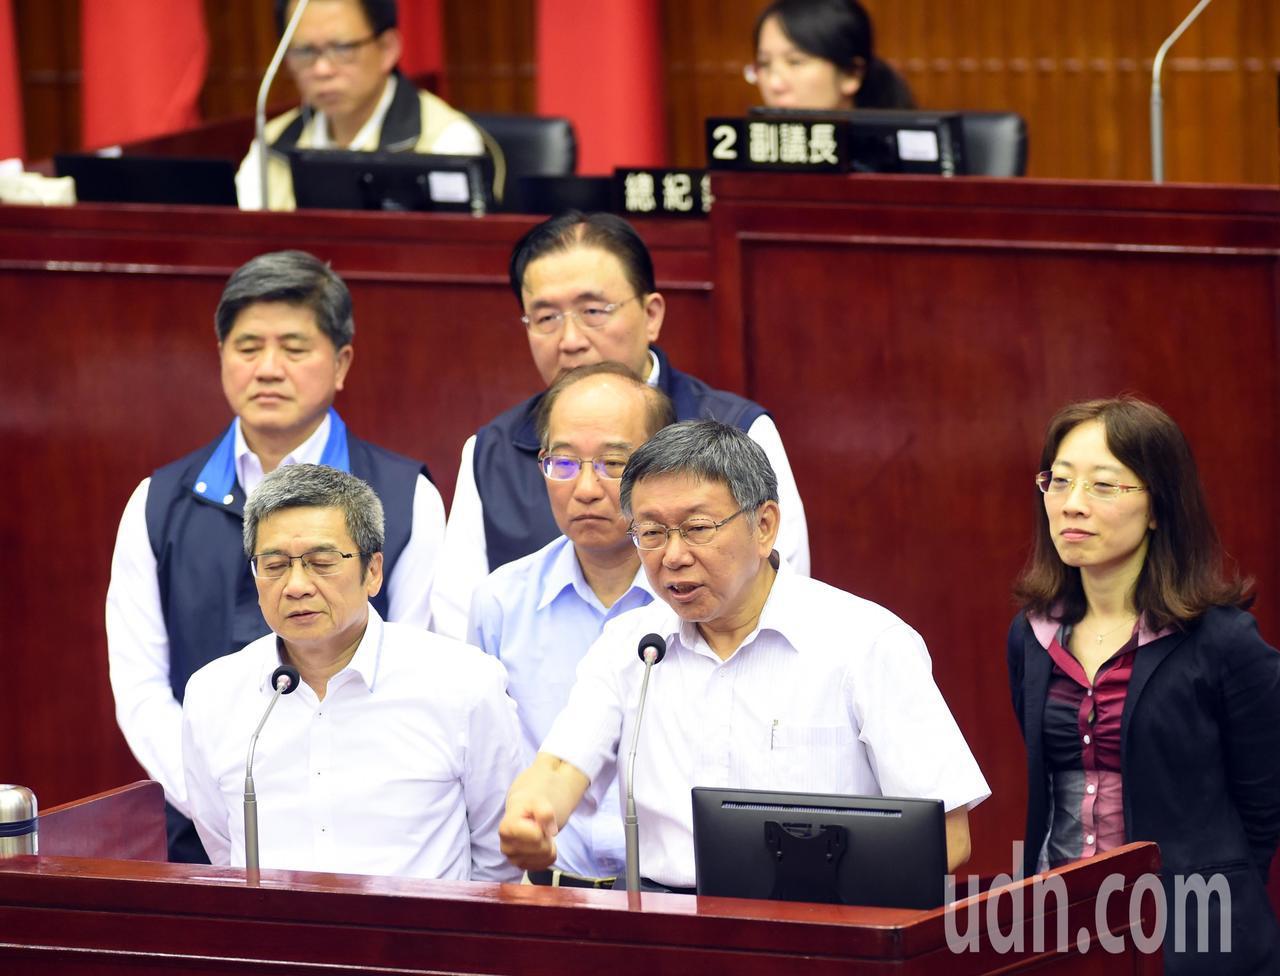 台北市議員簡舒培指控柯親信喬蛋,柯文哲(右二)表示,一個會議這麼多人,如果有不一...